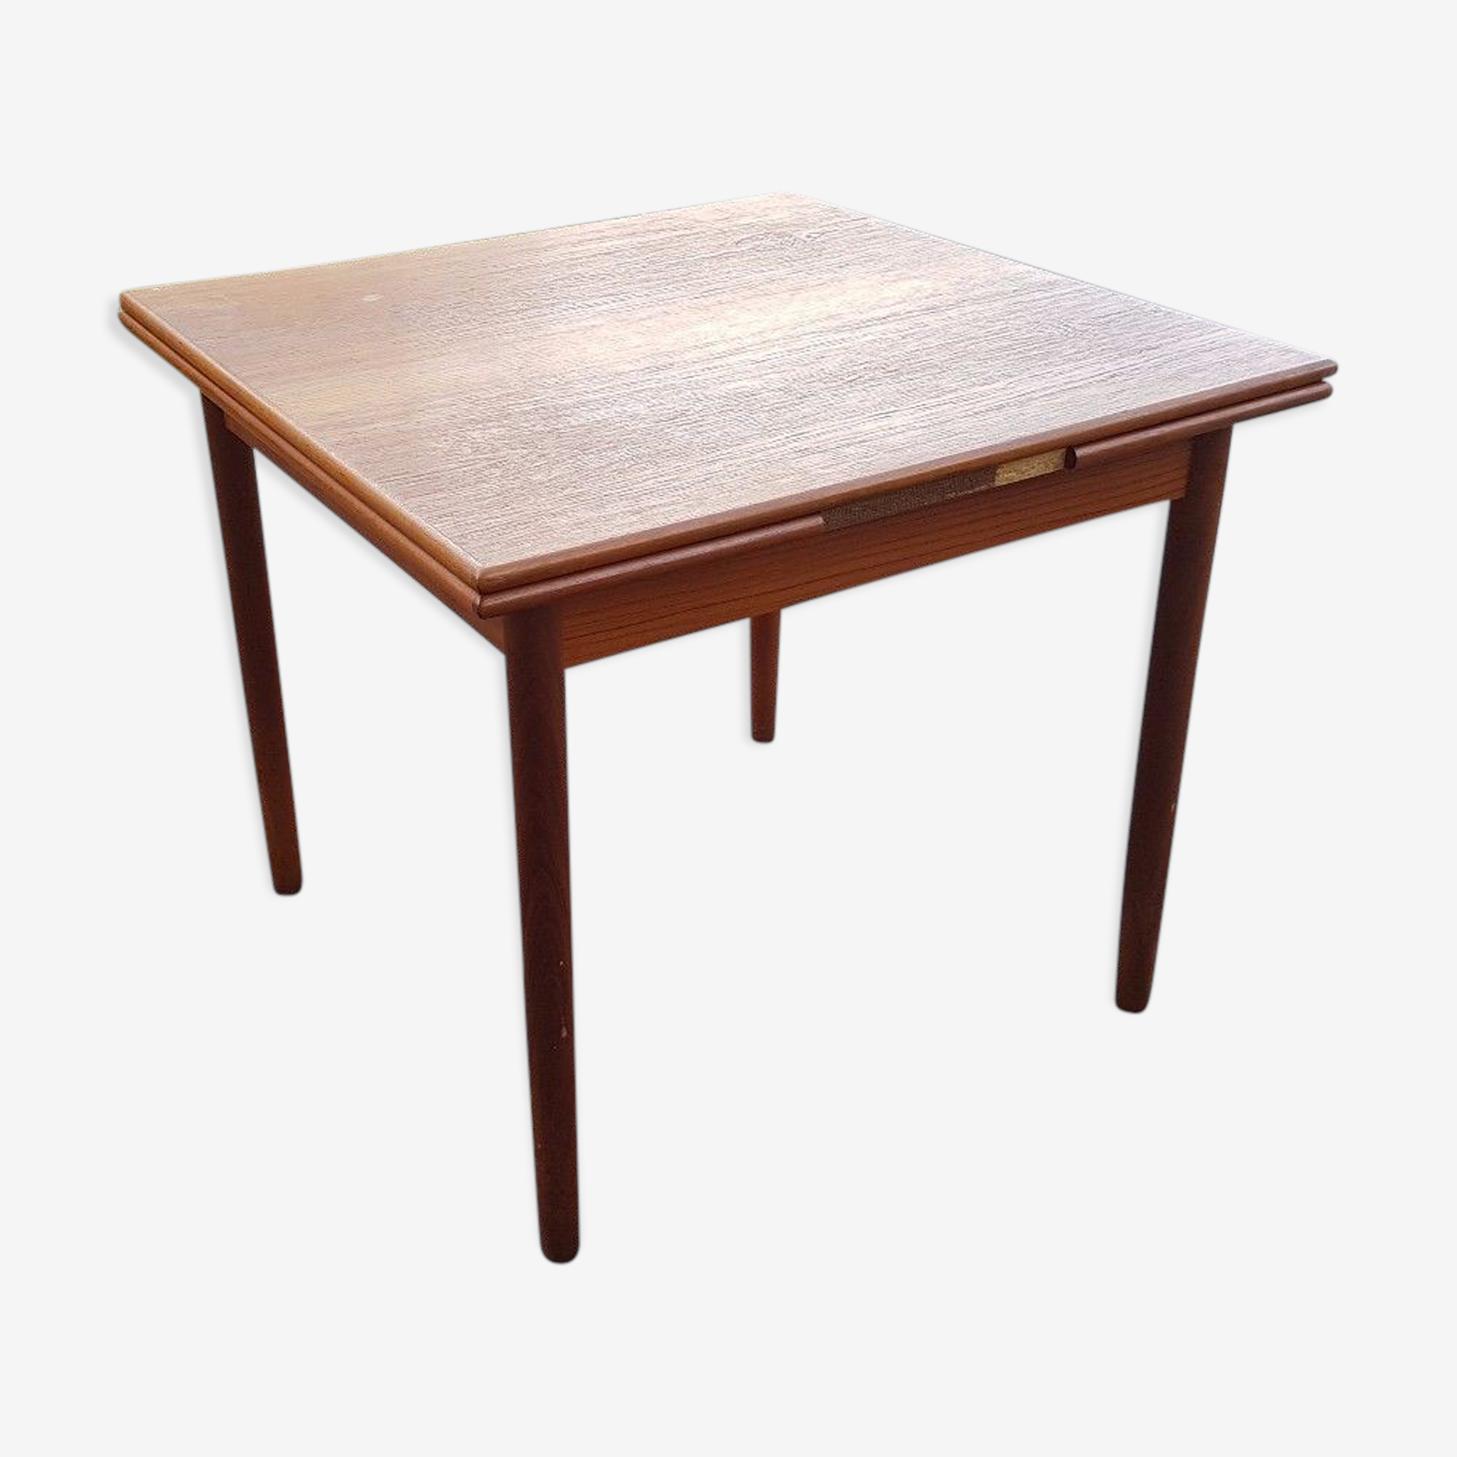 Table Salle A Manger Vintage Table Salle A Manger Vintage